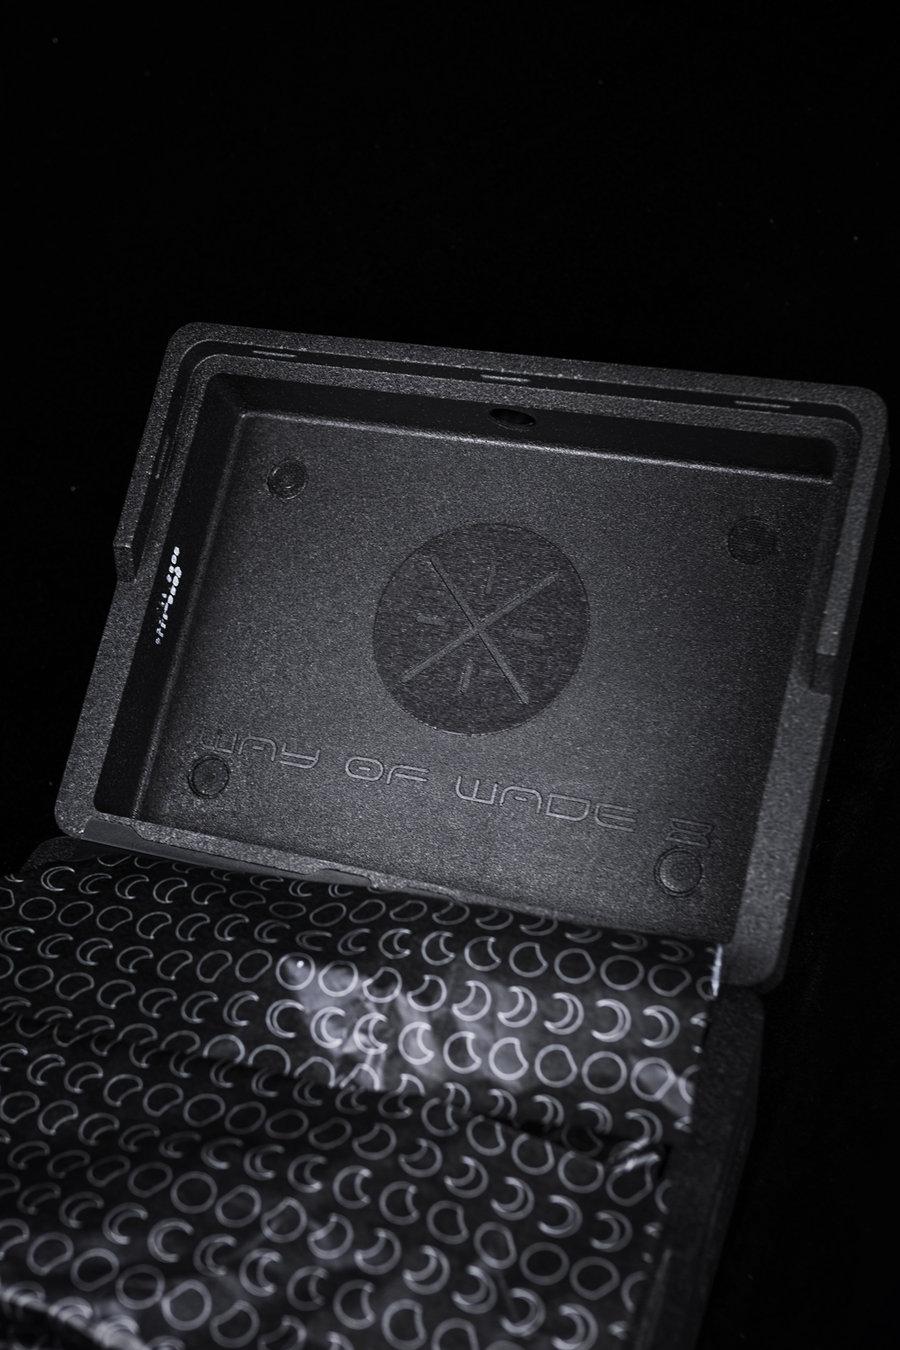 韦德之道 8,WOW8,李宁,发售,韦德之道 韦德之道 ∞ 明天发售!它不登场谁敢称「年度最豪华」!